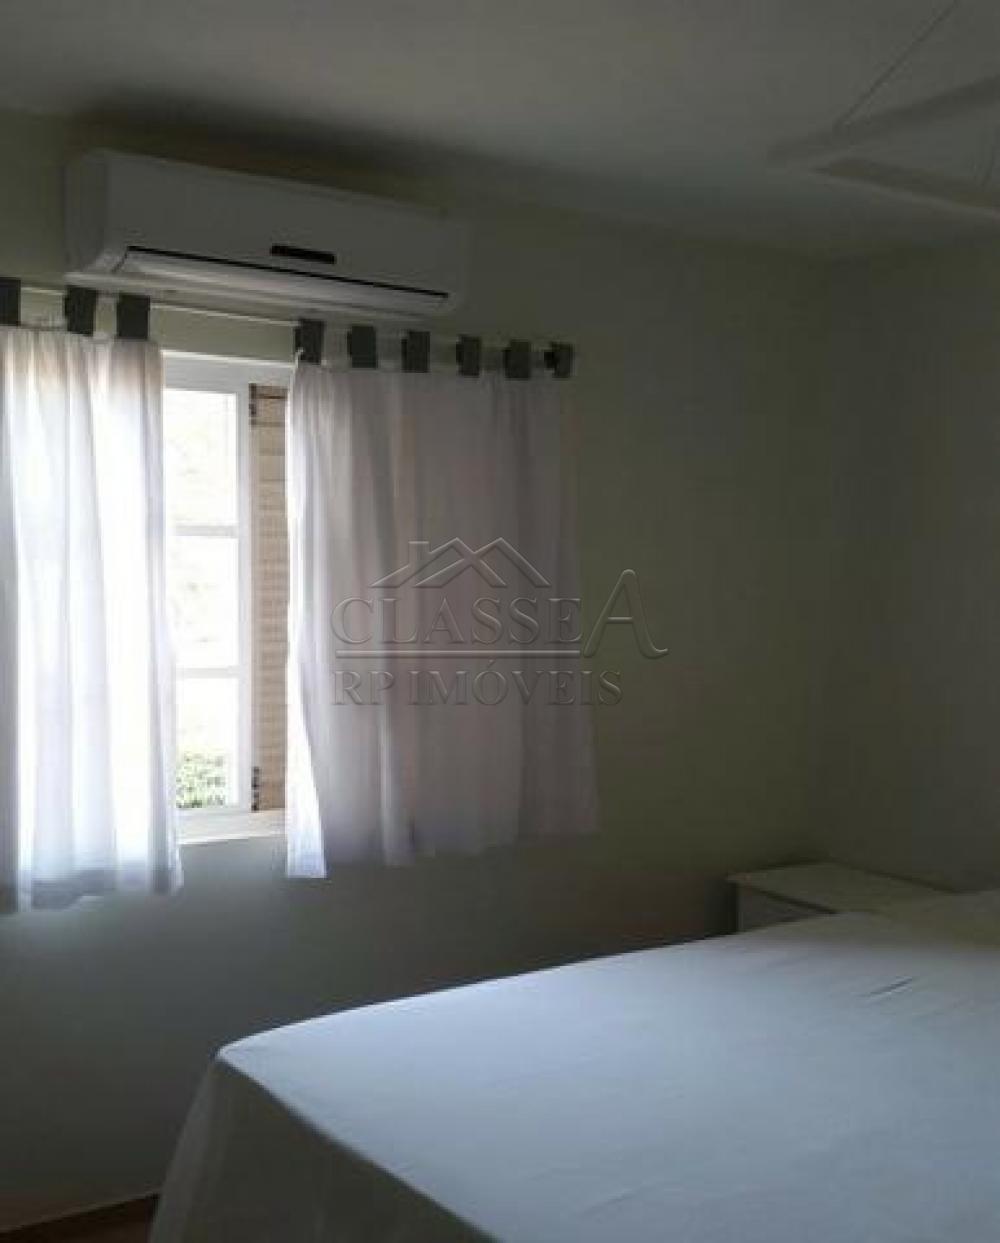 Comprar Casa / Condomínio - sobrado em Ribeirão Preto apenas R$ 340.000,00 - Foto 9